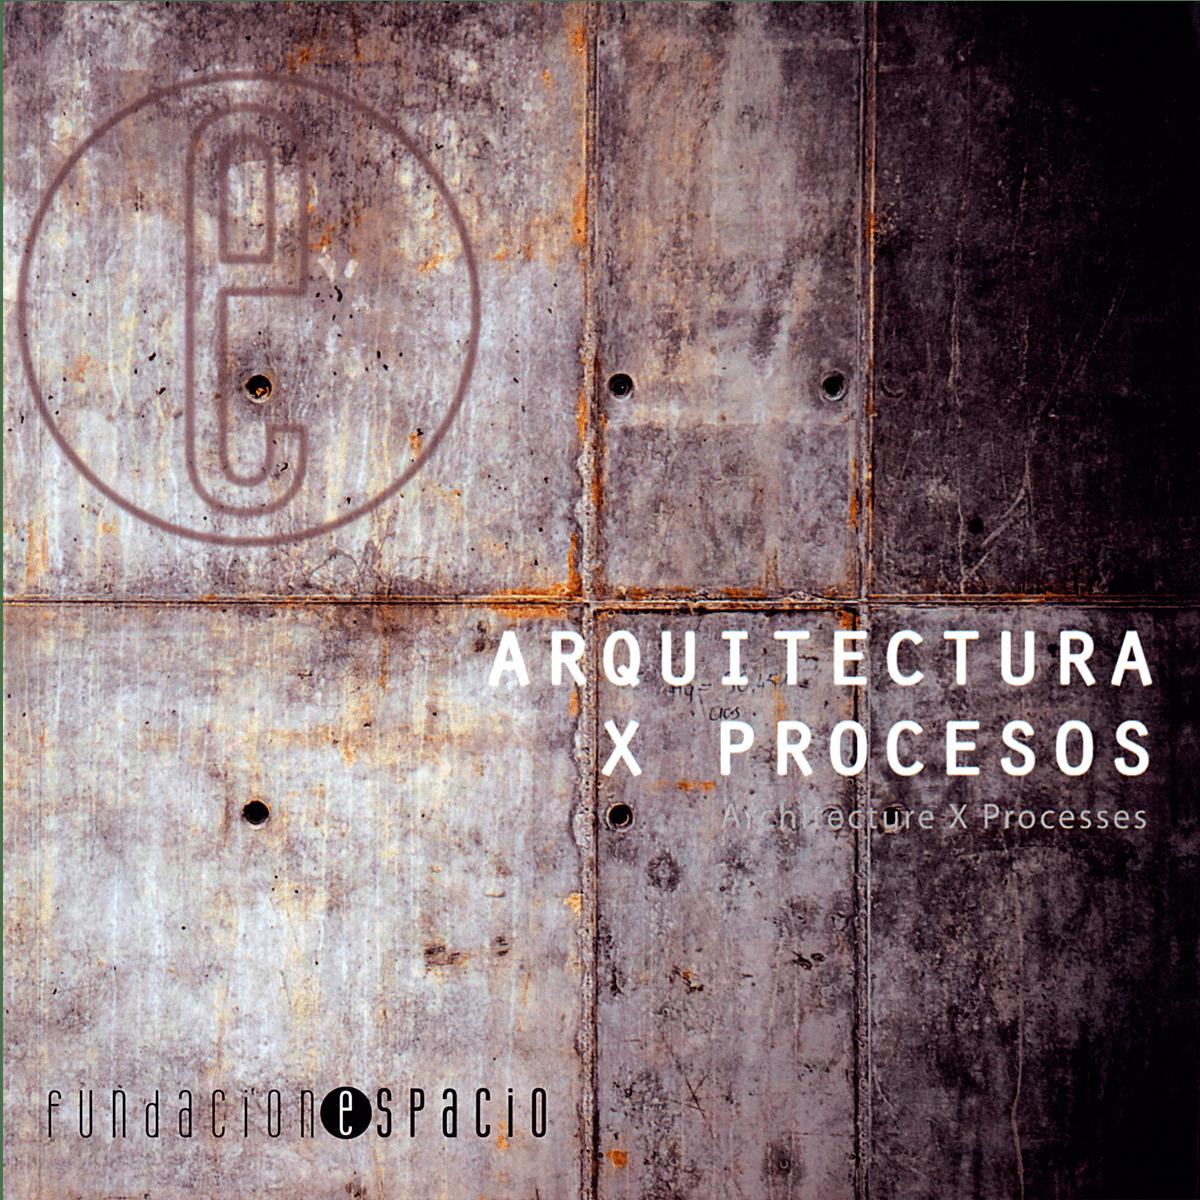 Arquitecture x processes